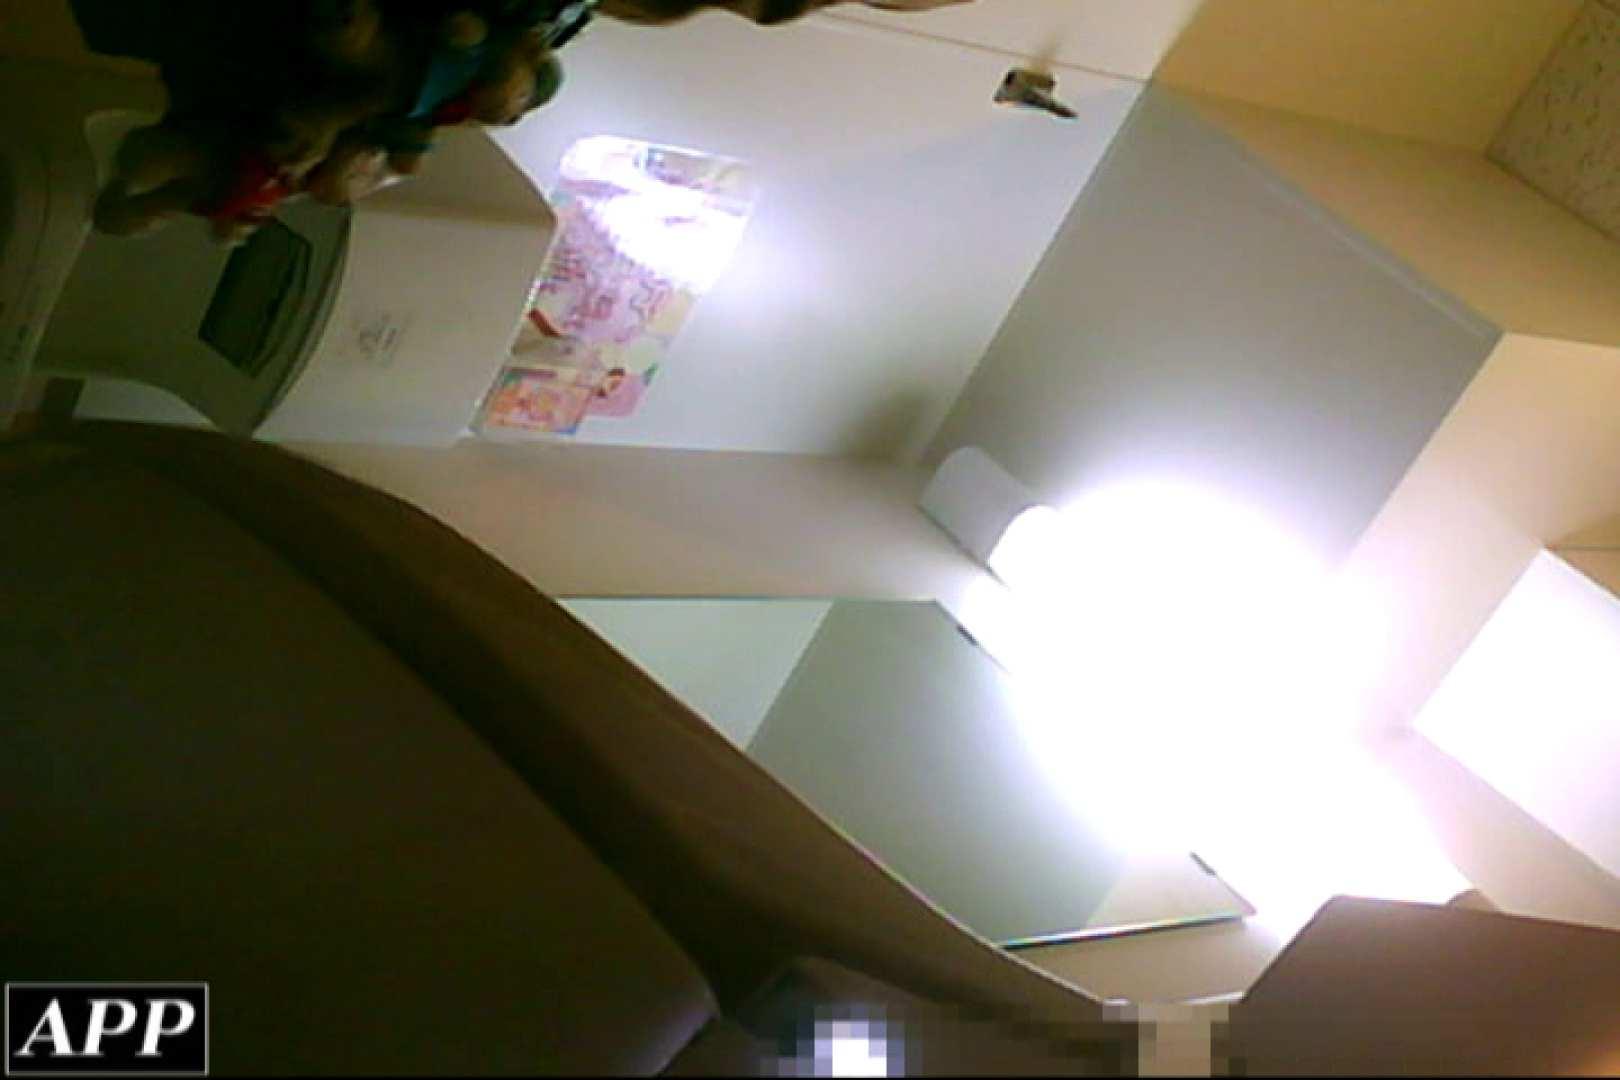 3視点洗面所 vol.79 洗面所 オマンコ動画キャプチャ 97PIX 68